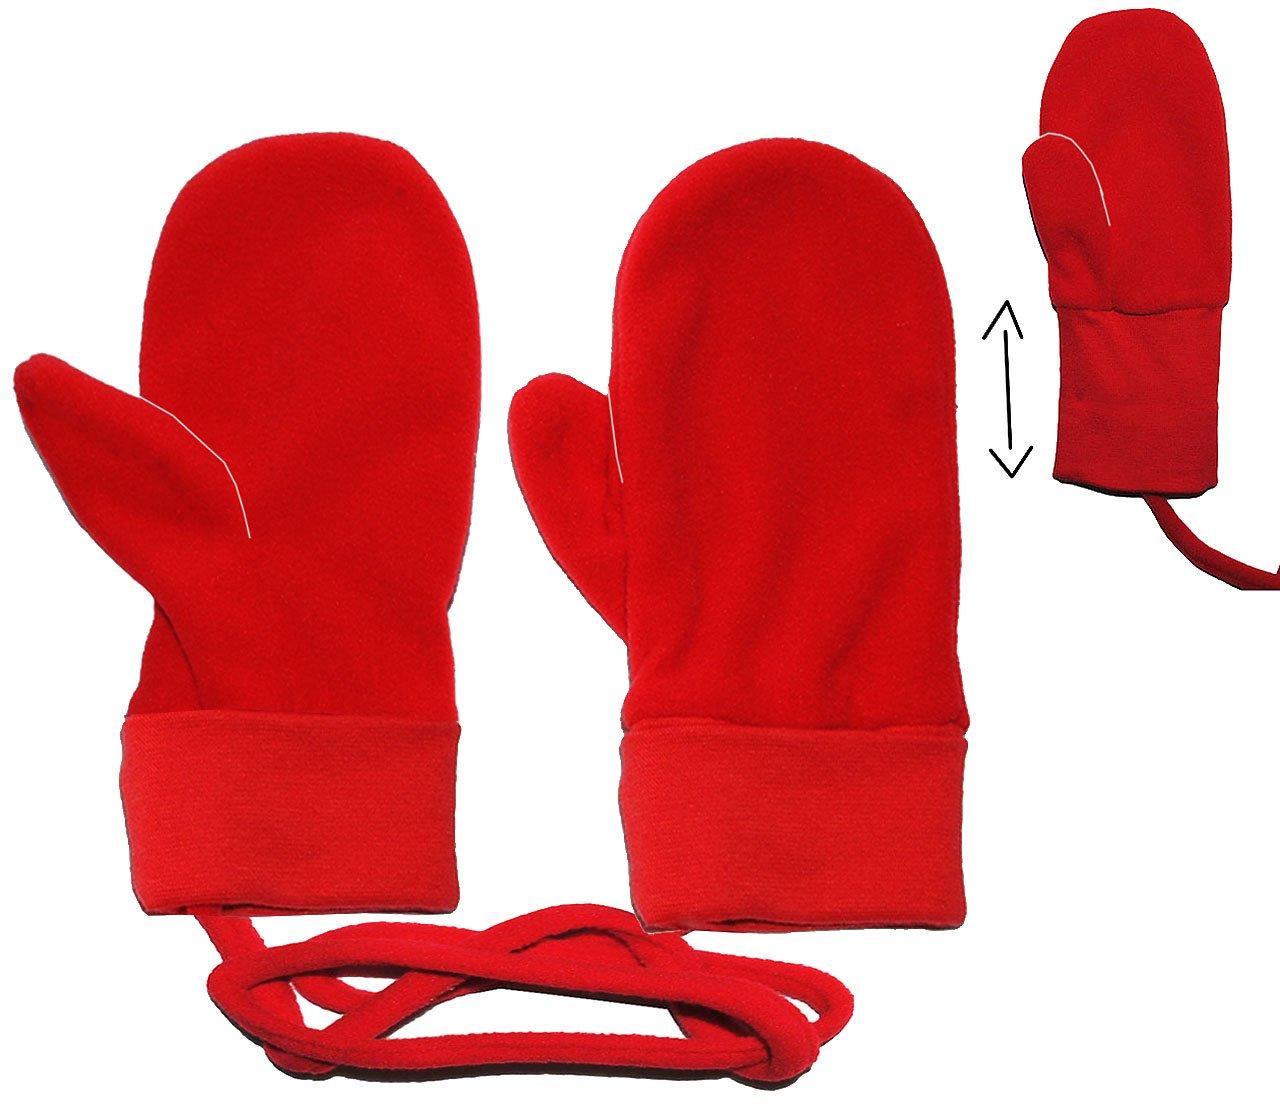 Unbekannt Handschuhe / Fleecehandschuhe - Baby - Gr. 2 Jahre bis 4 Jahre - rot - Fleece Fäustlinge / Däumlinge mit Daumen - Babyhandschuhe - Erstlingshandschuhe / Faust.. Kinder-land